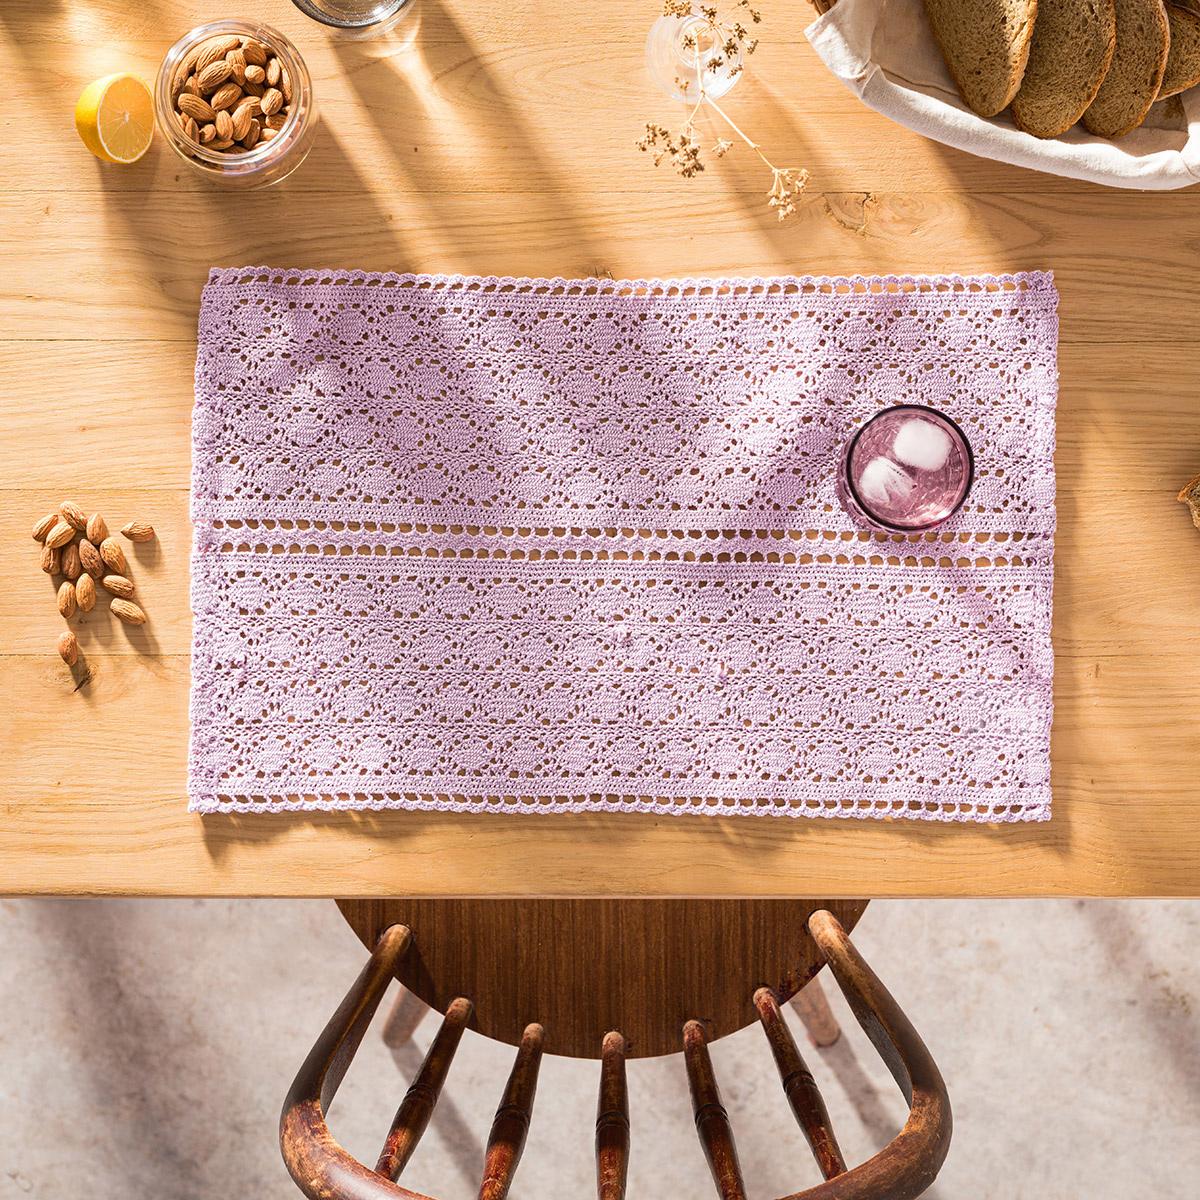 Σουπλά (Σετ 2τμχ) Gofis Home Crochet Purple 019/20